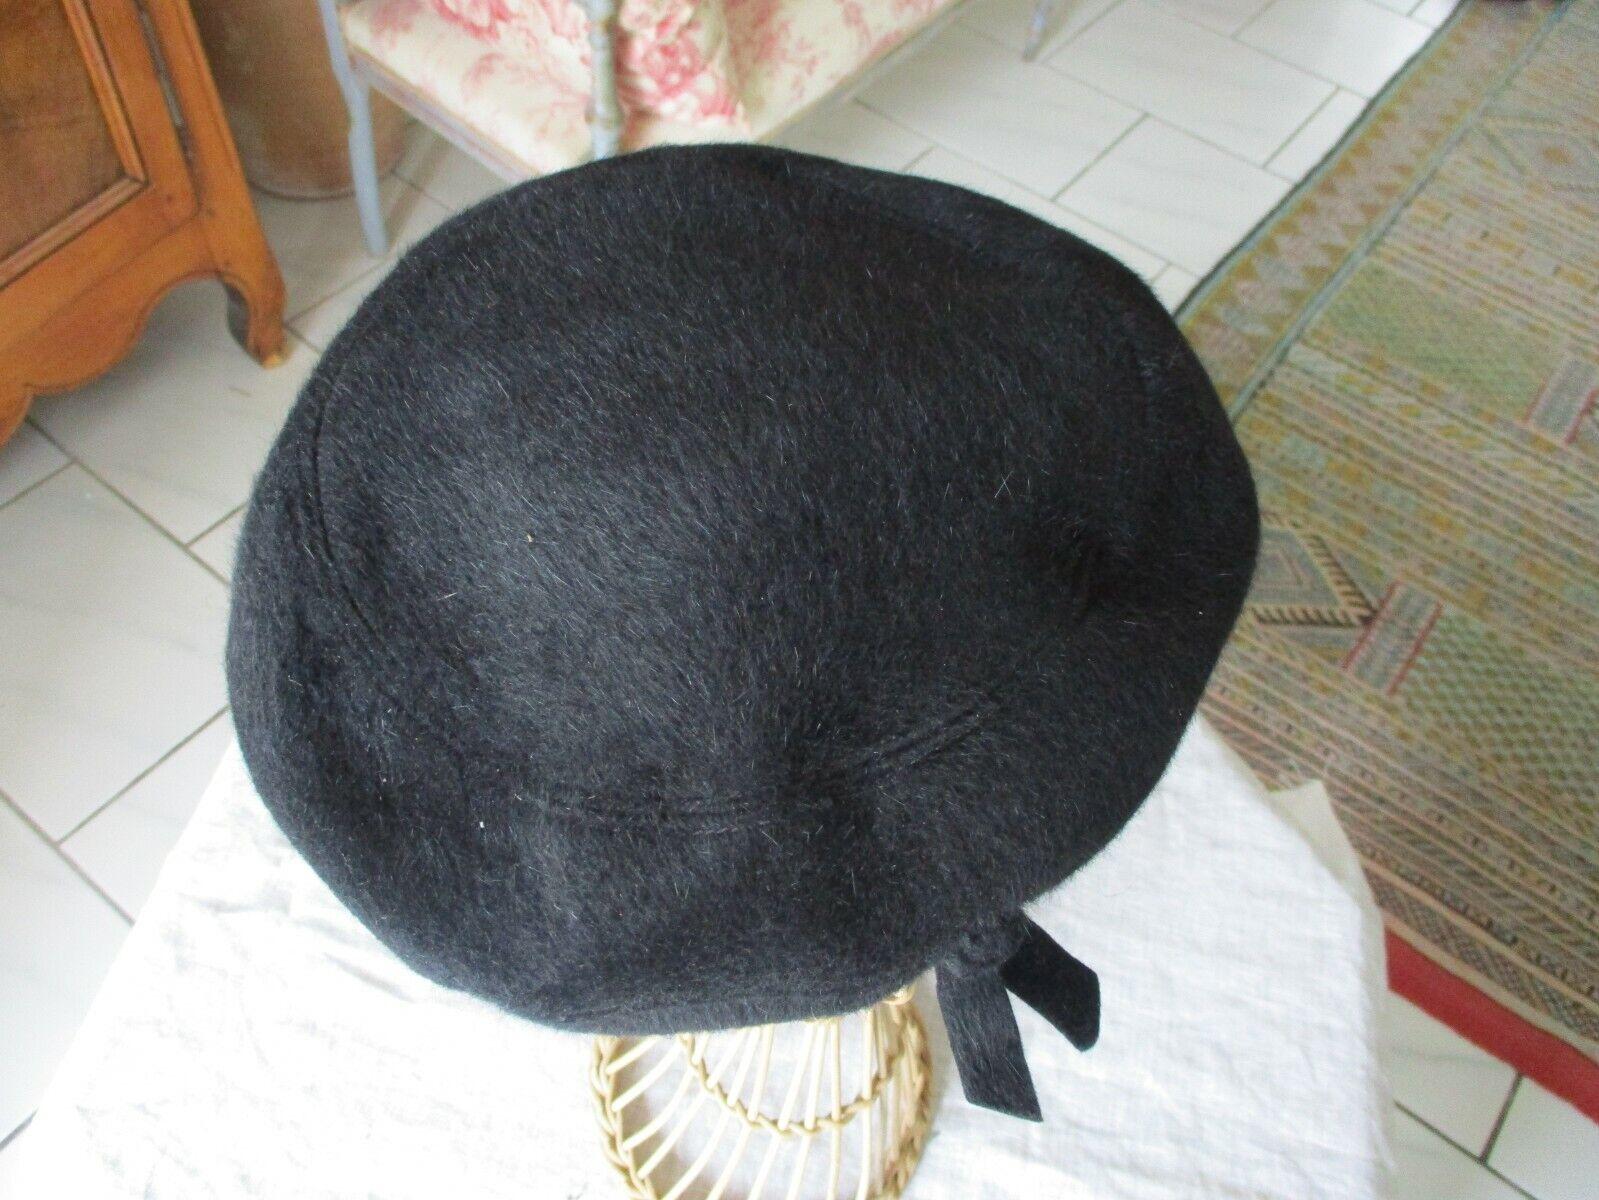 Ancien chapeau toque beret flechet femme ou homme tres belle qualite t 55